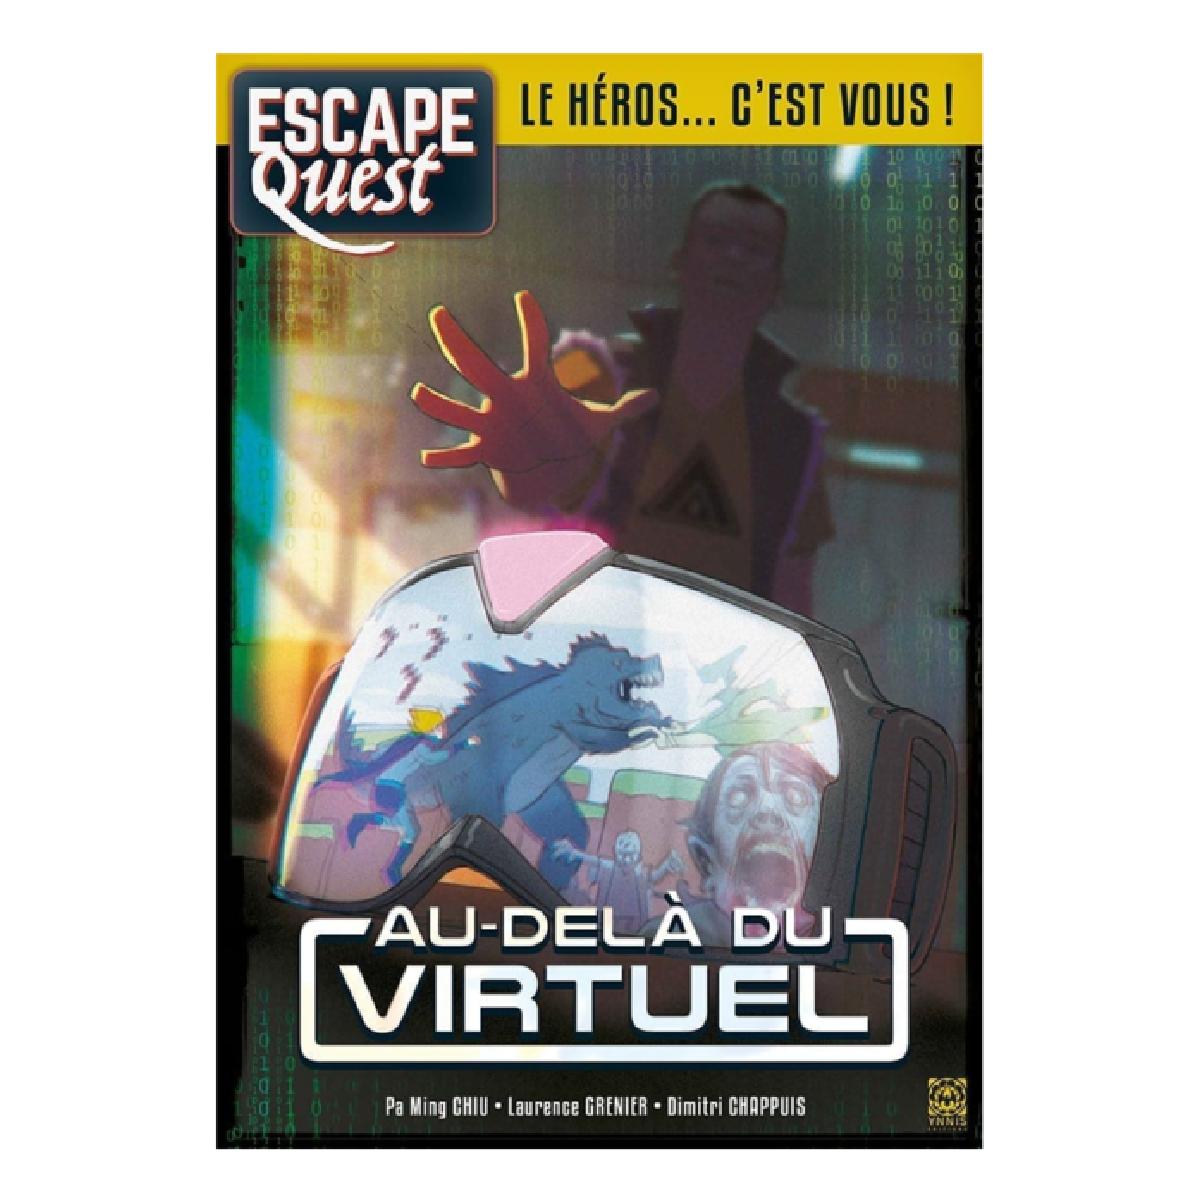 Livre Escape Quest - Au-delà du virtuel   17,99$